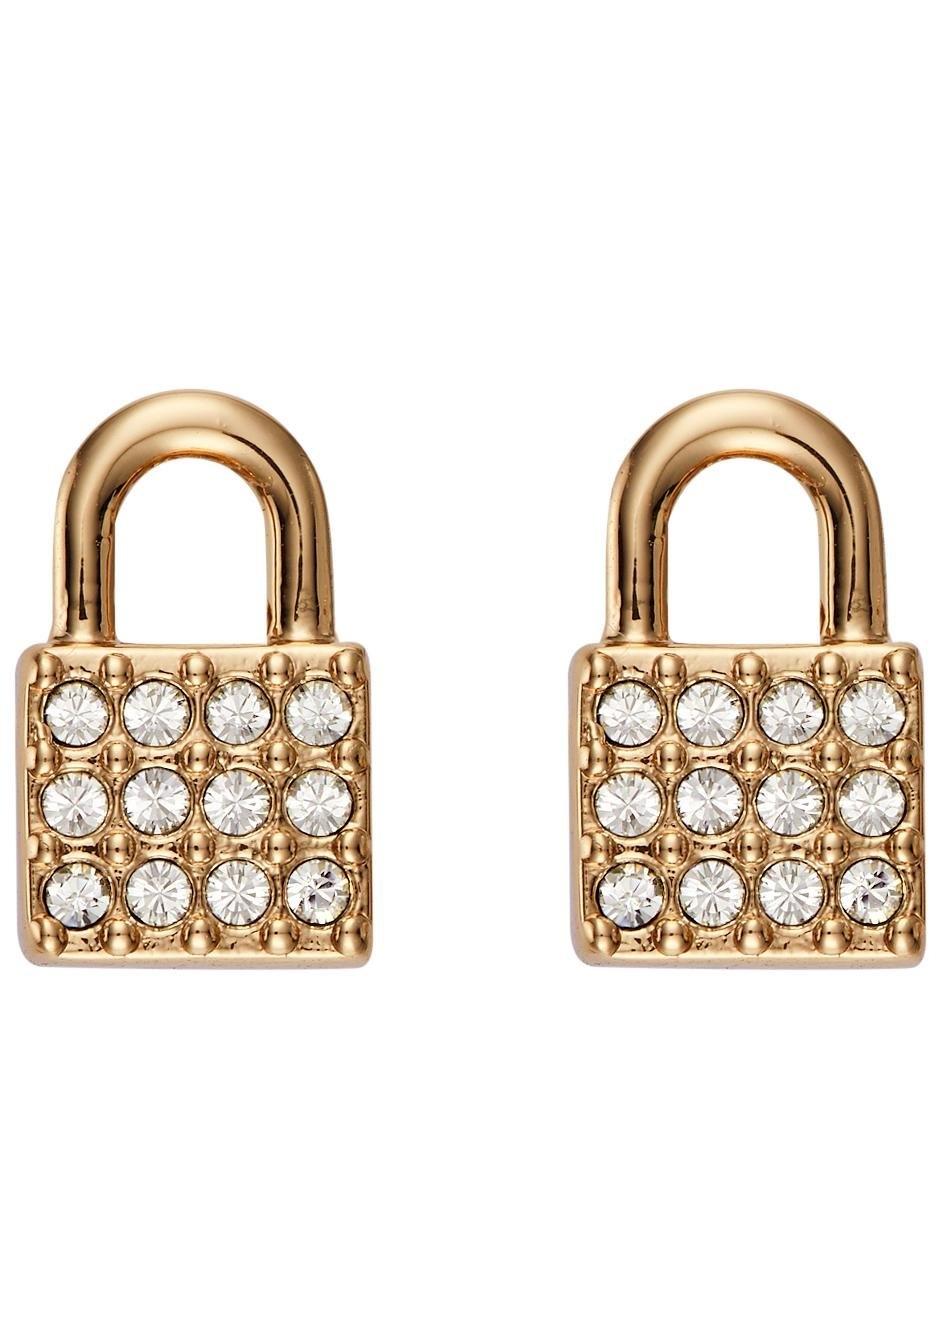 DKNY oorstekers »Padlock Stud ER (GL), 5520120« nu online kopen bij OTTO